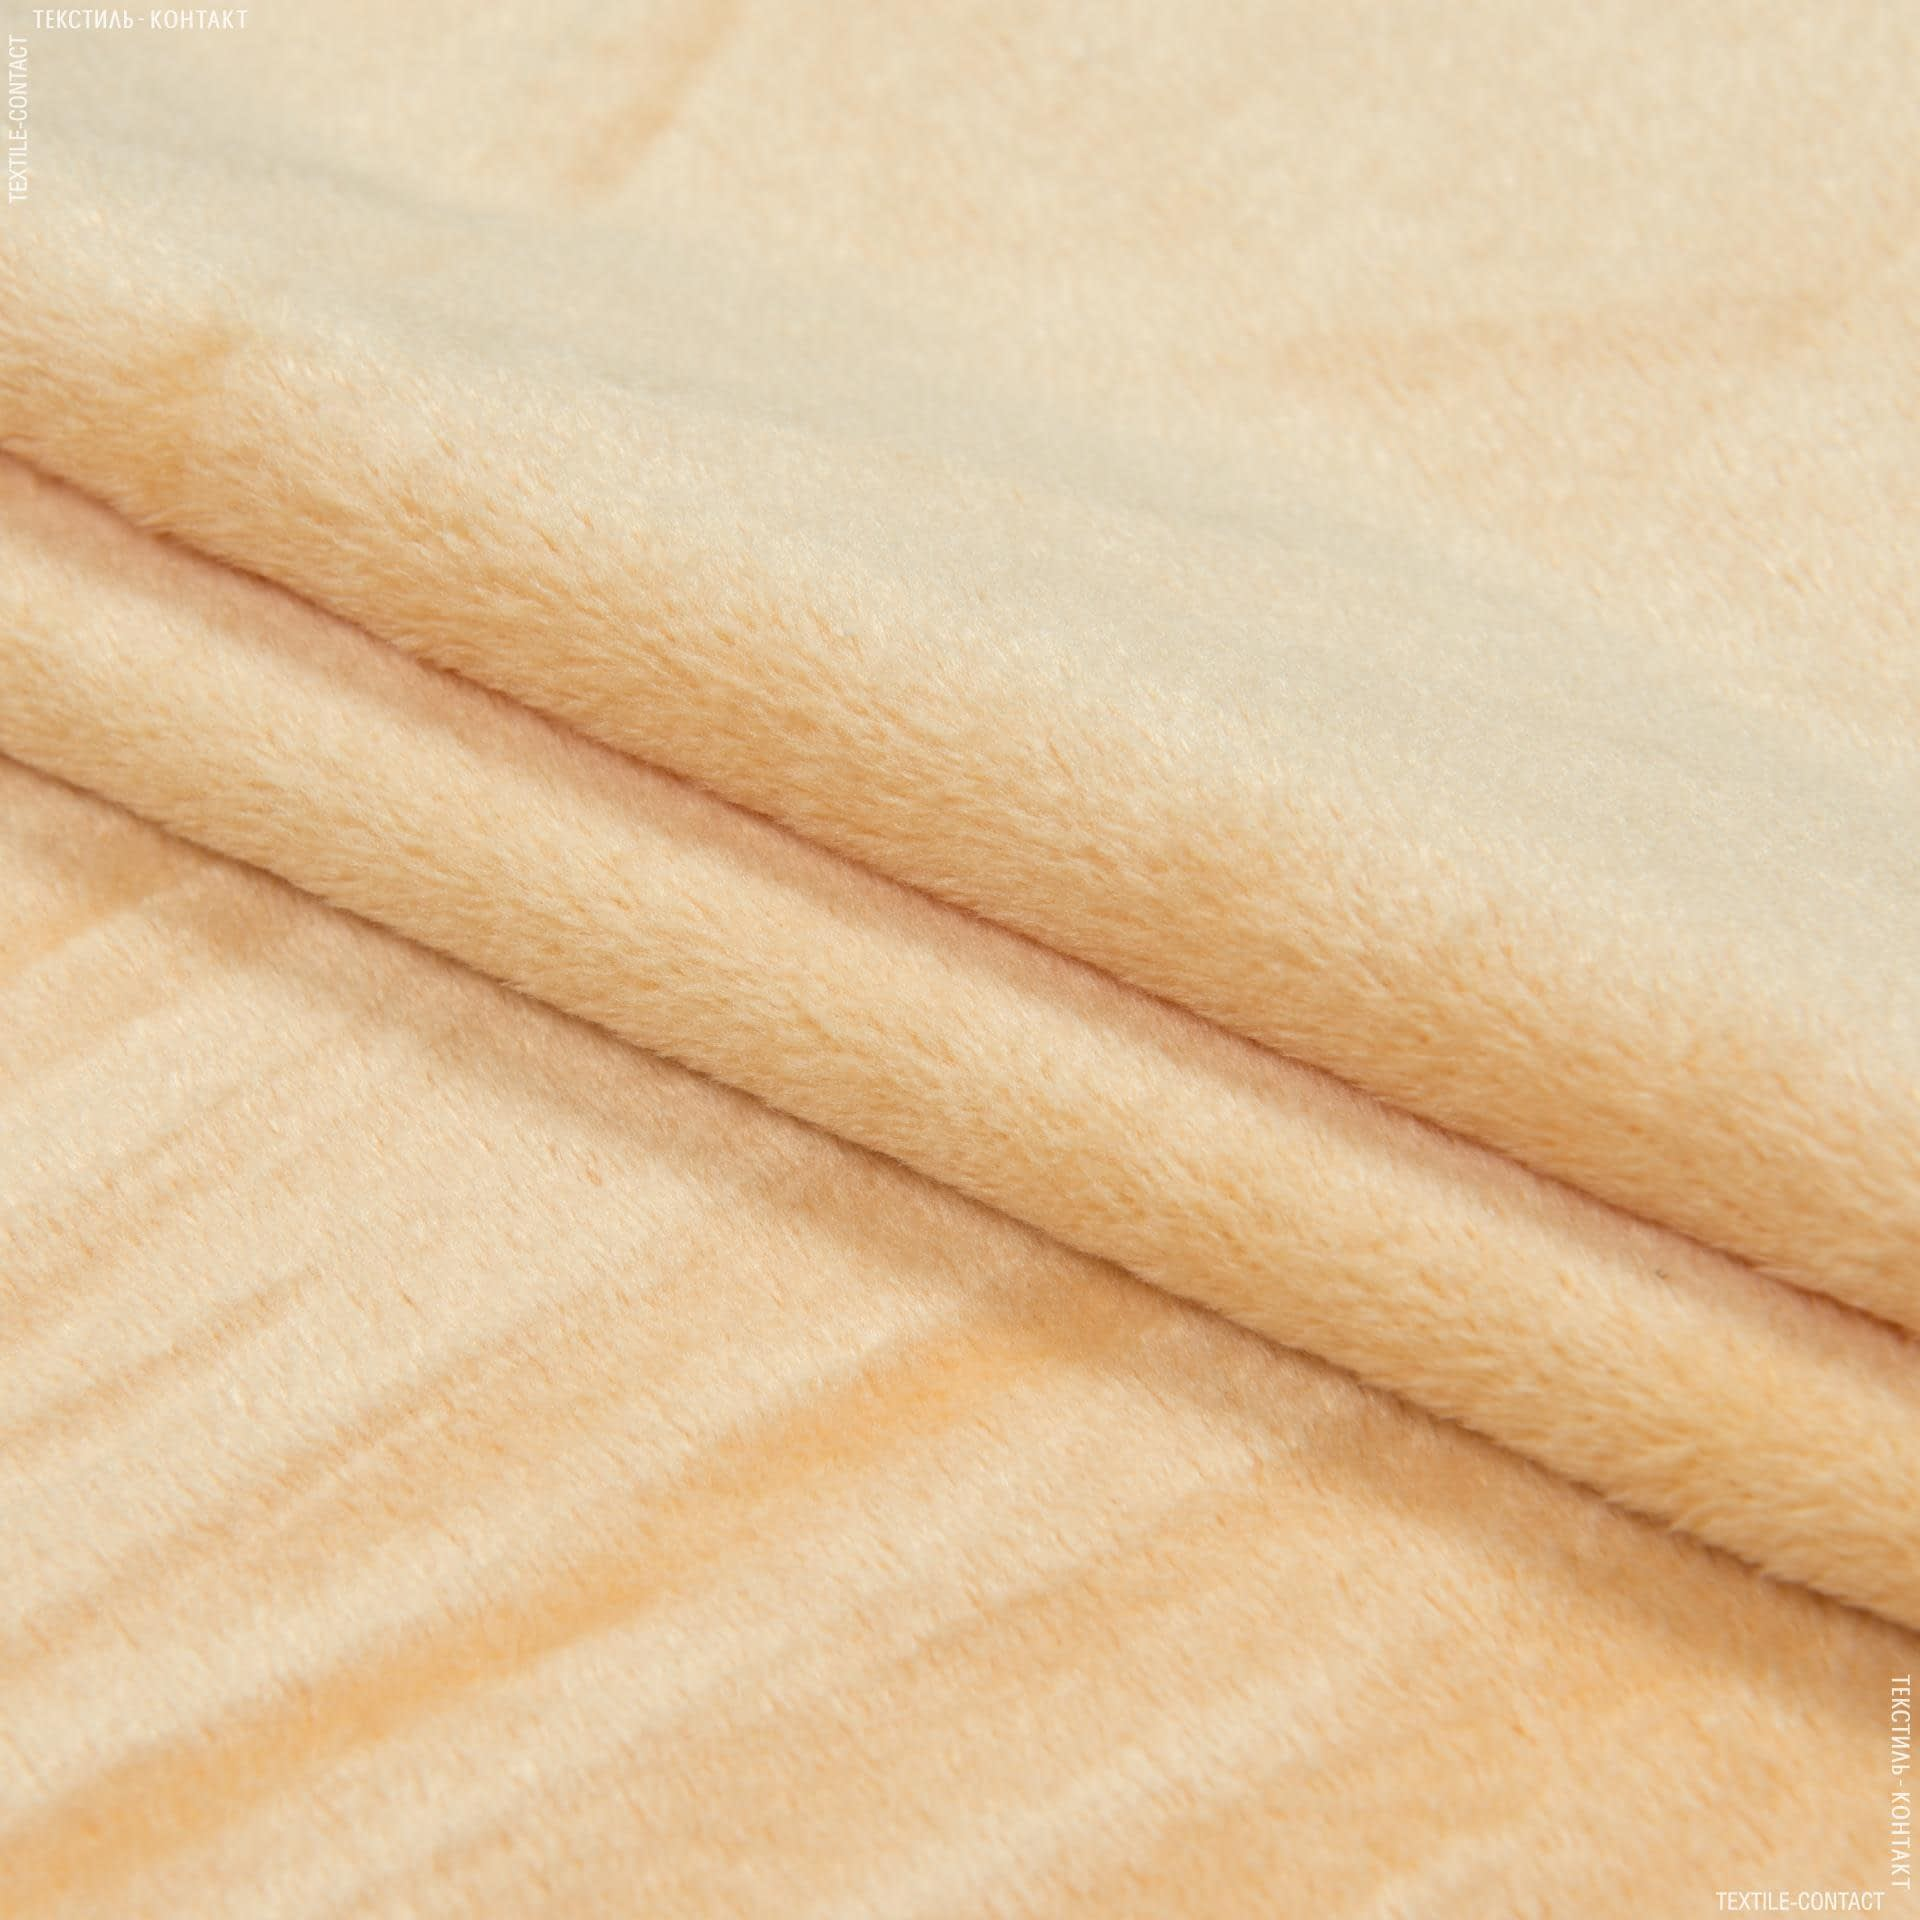 Ткани для верхней одежды - Плюш (вельбо) персиковый